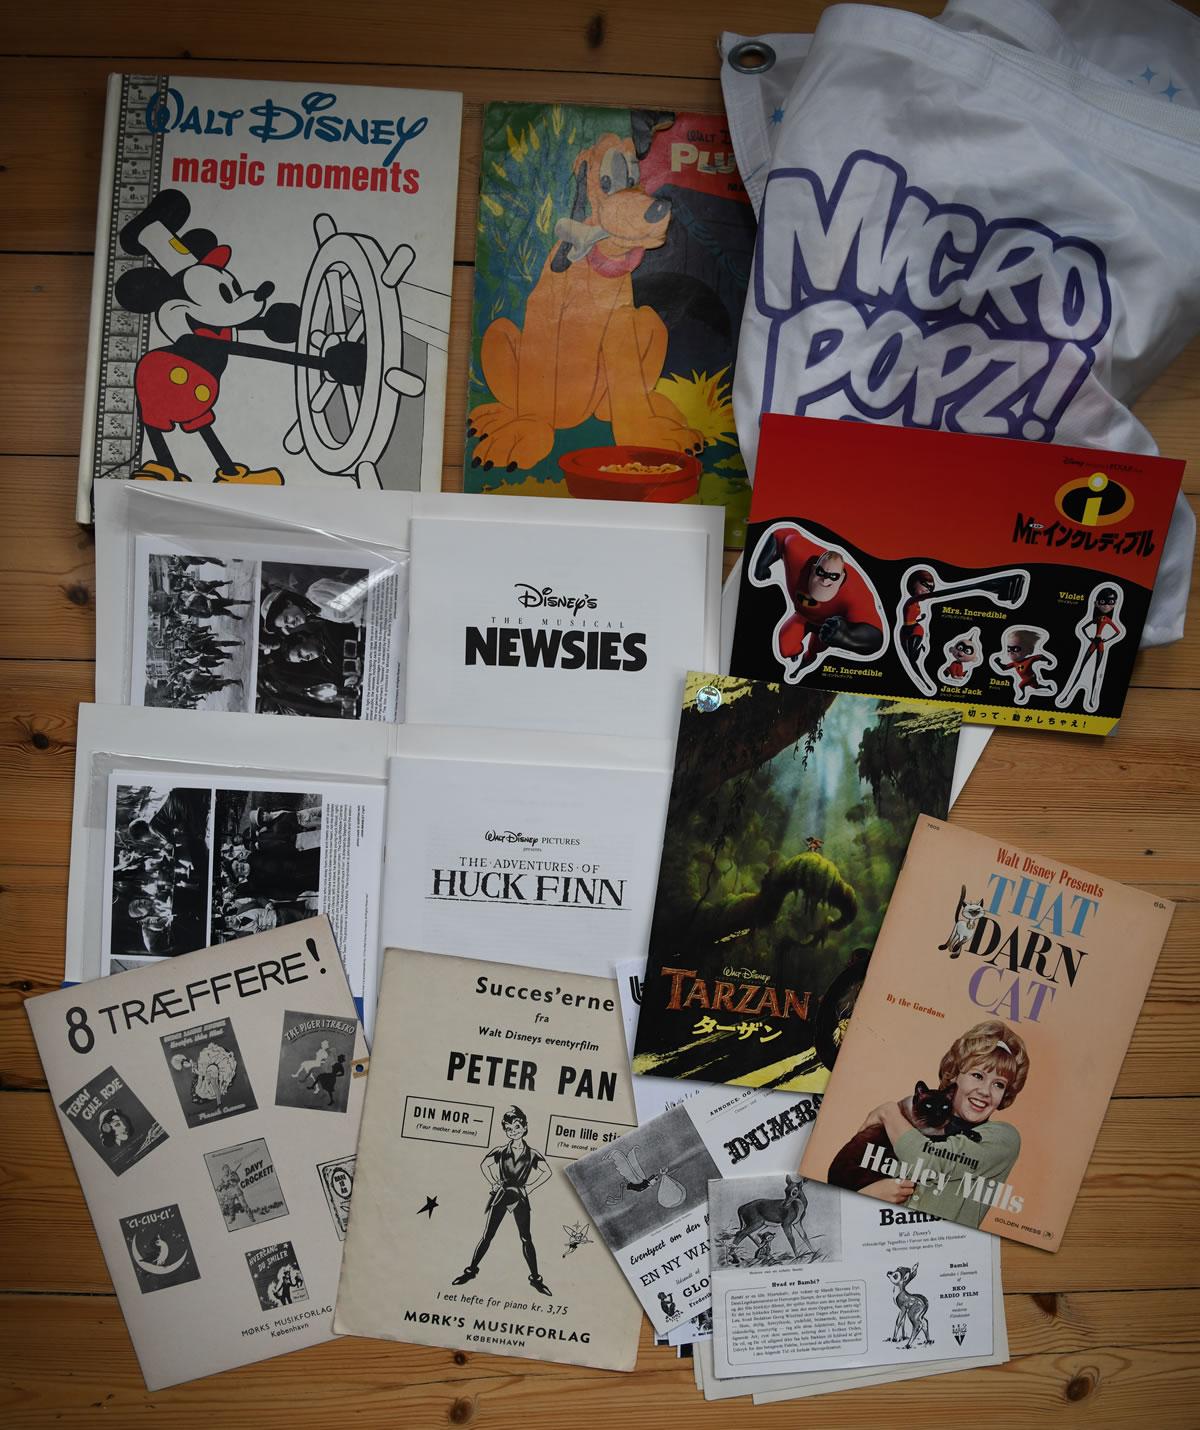 http://donaldduck.dk/images/wd_samling7.jpg